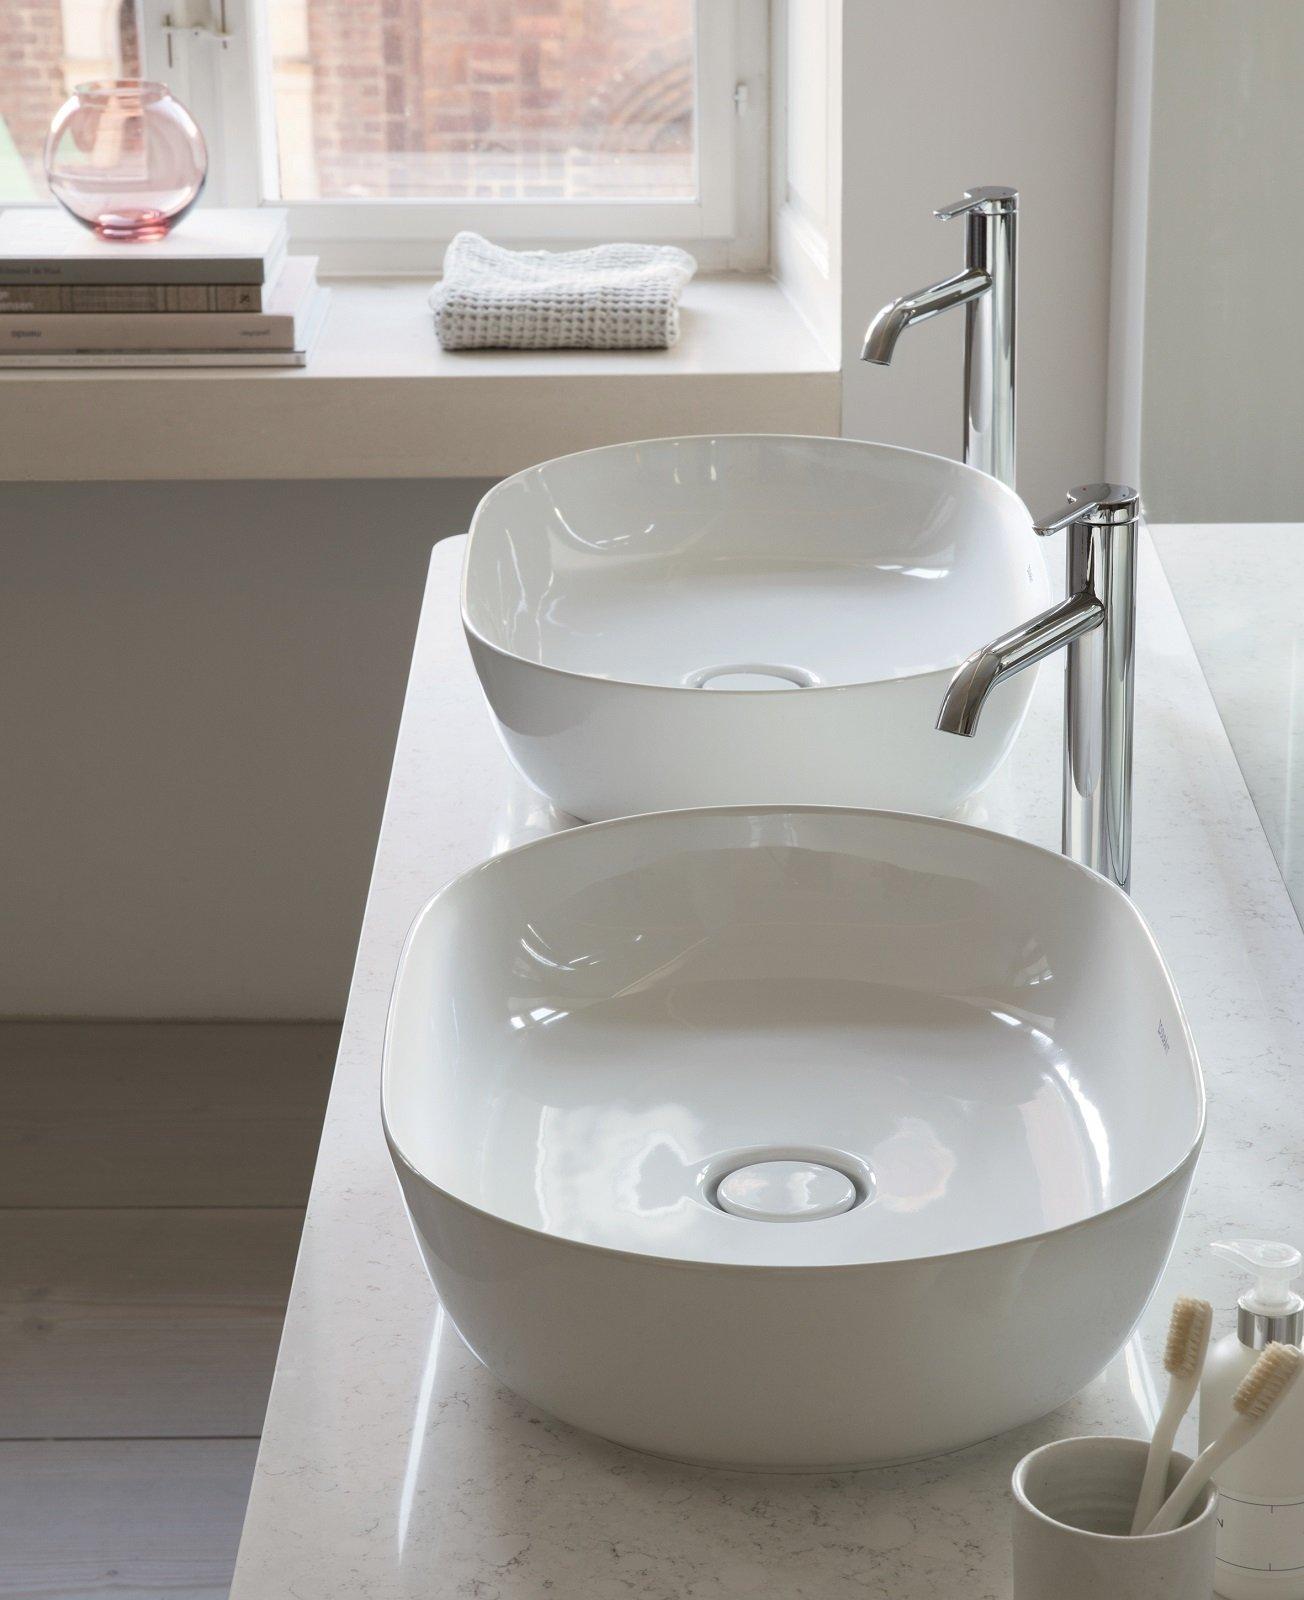 Lavello Cucina In Porcellana lavandini bagno da appoggio in ceramica, gemelli o single